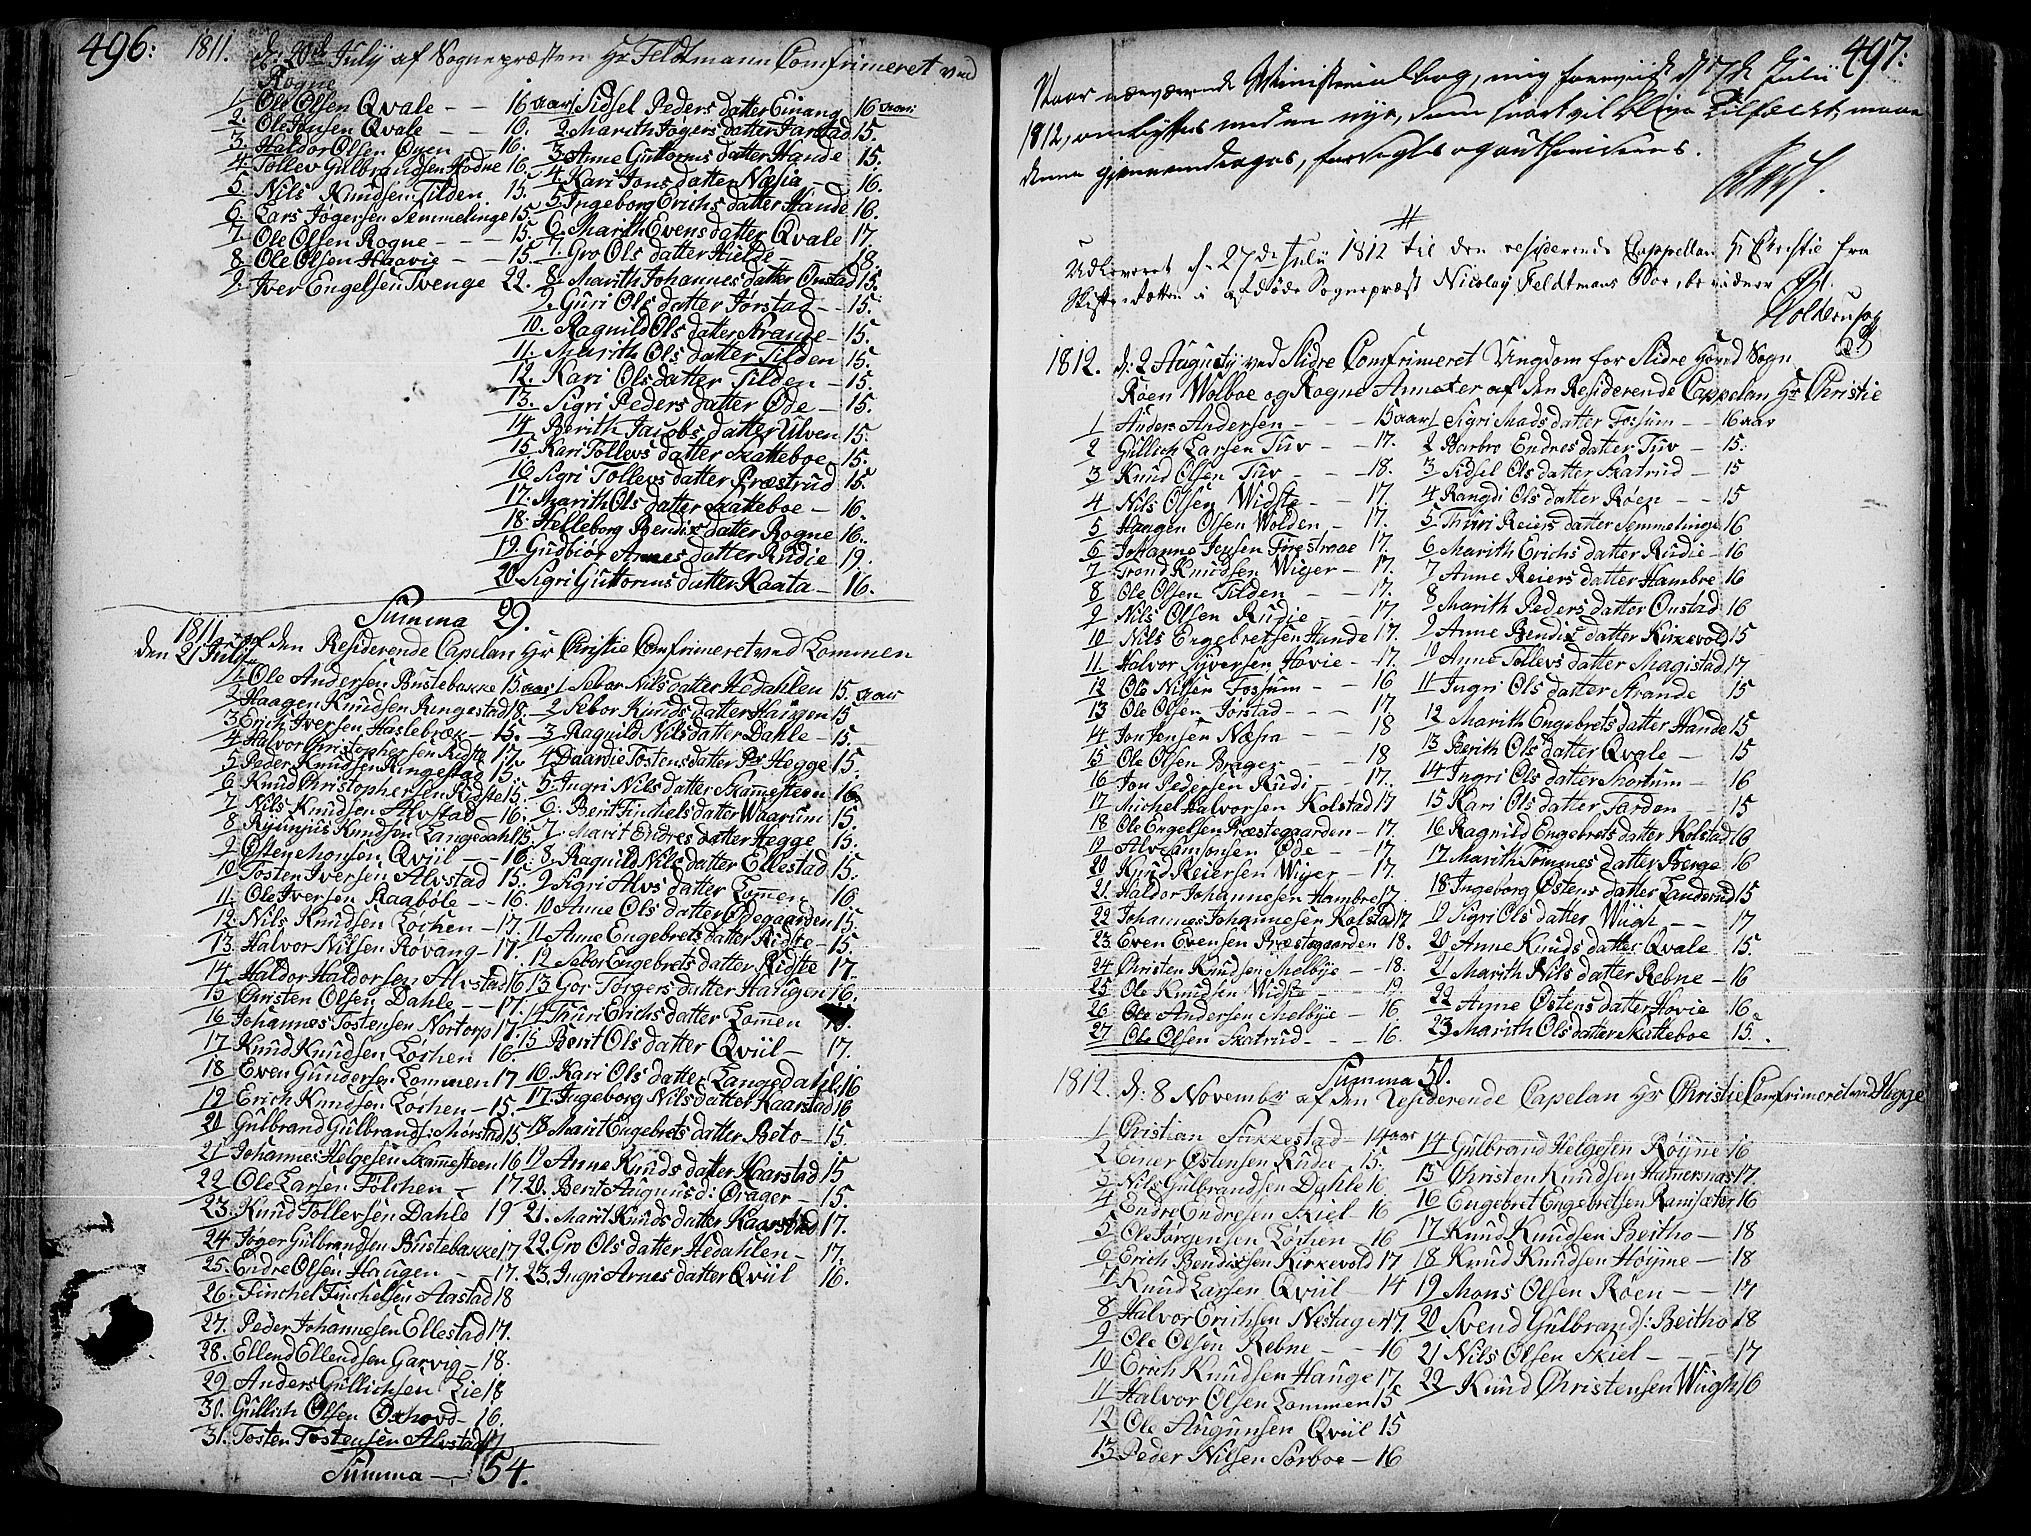 SAH, Slidre prestekontor, Ministerialbok nr. 1, 1724-1814, s. 496-497